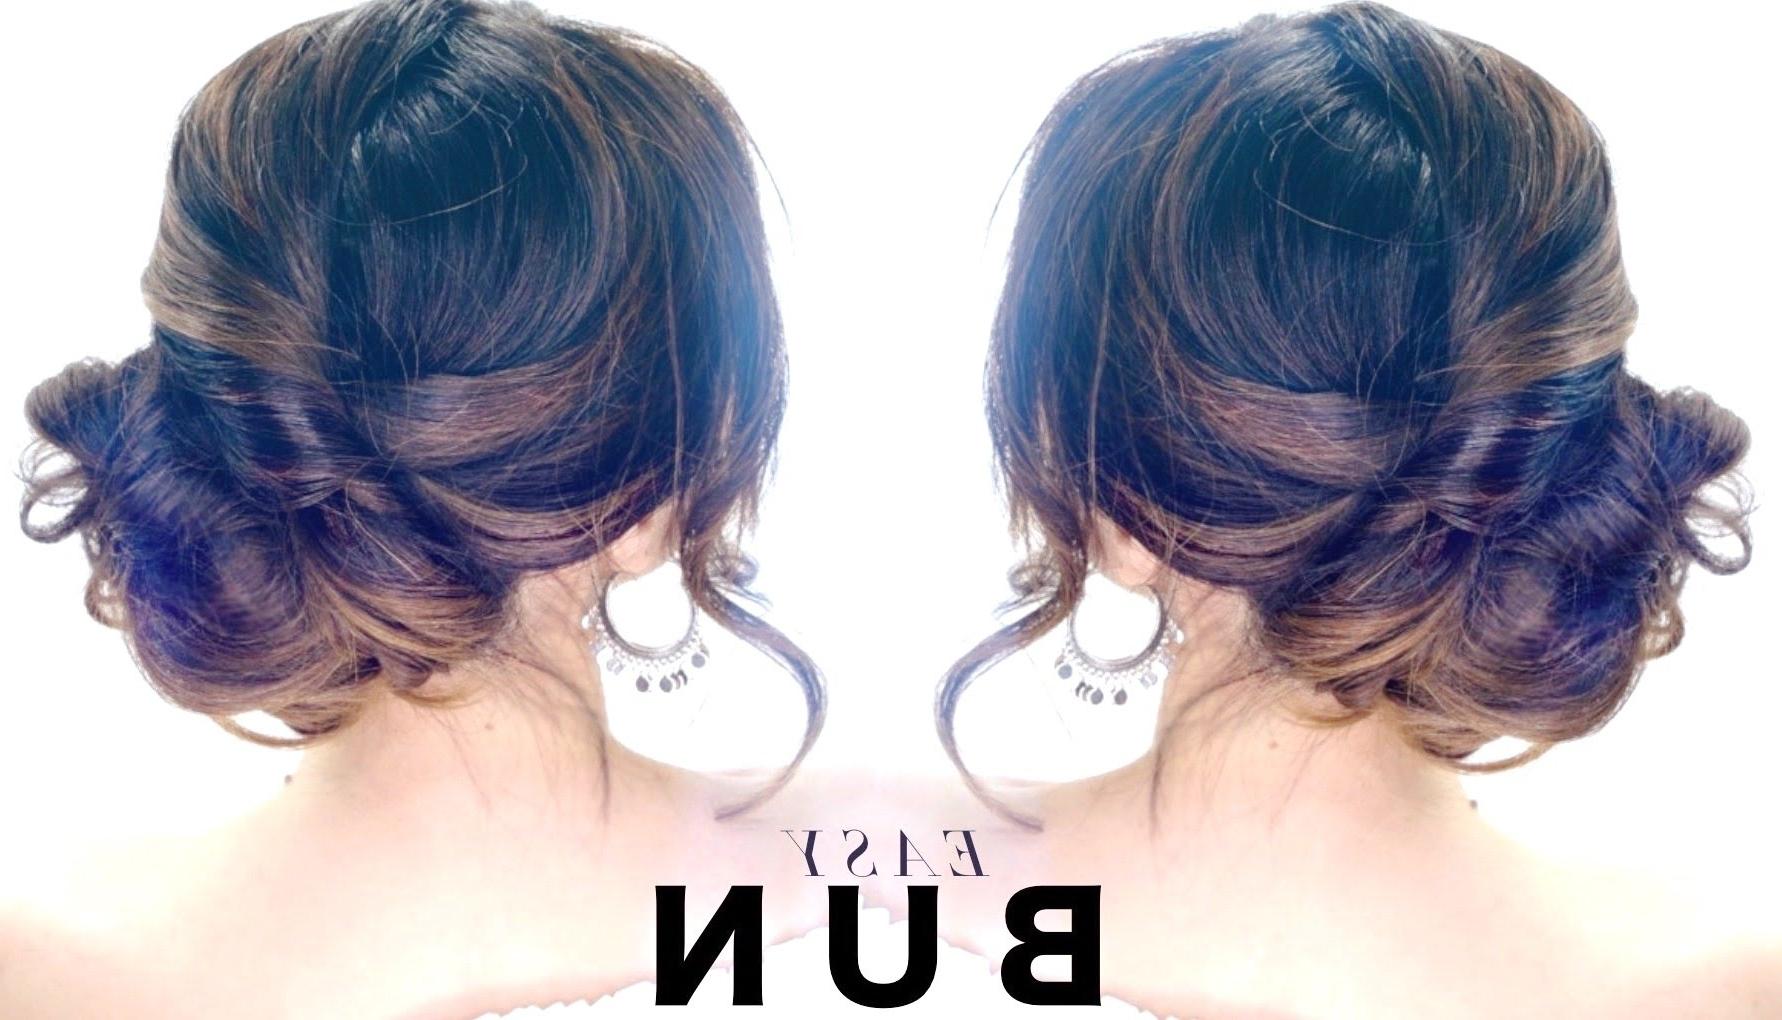 3 Minute Elegant Side Bun Hairstyle ☆ Easy Summer Updo Hairstyles Throughout Side Updo Hairstyles (View 2 of 15)